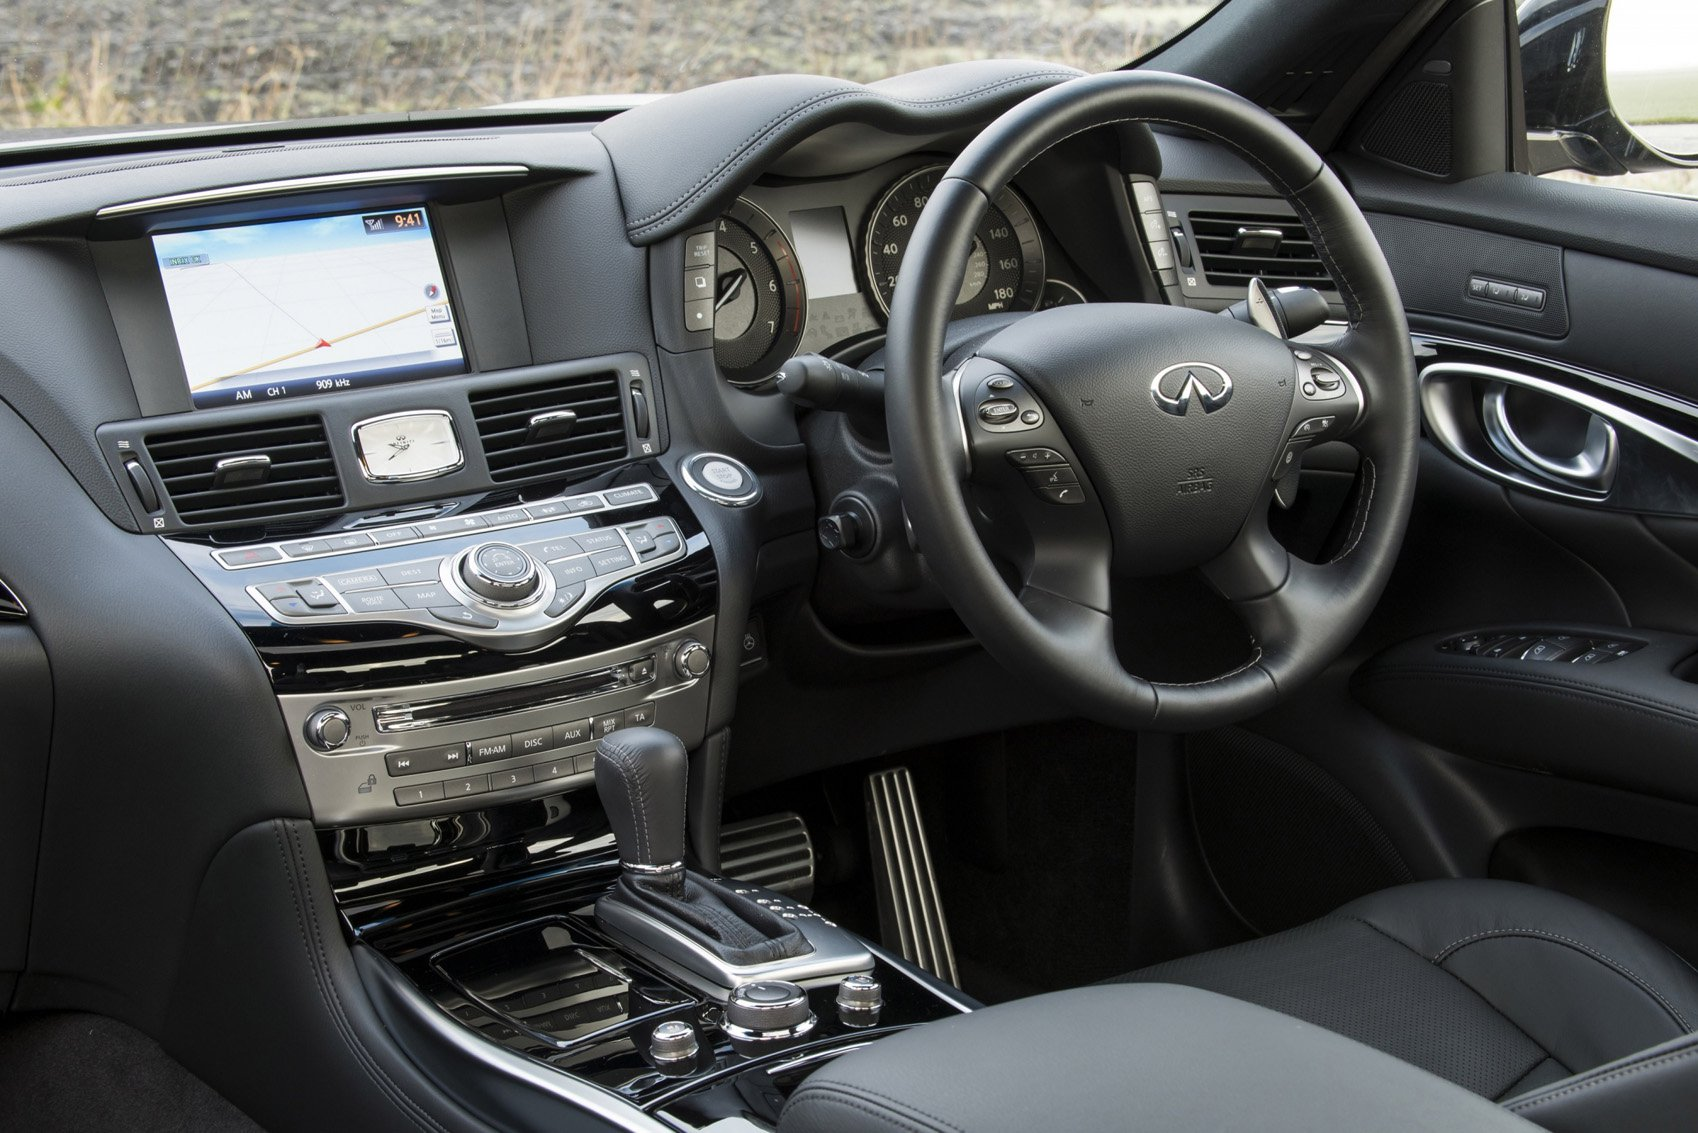 Infiniti Q70h - interior